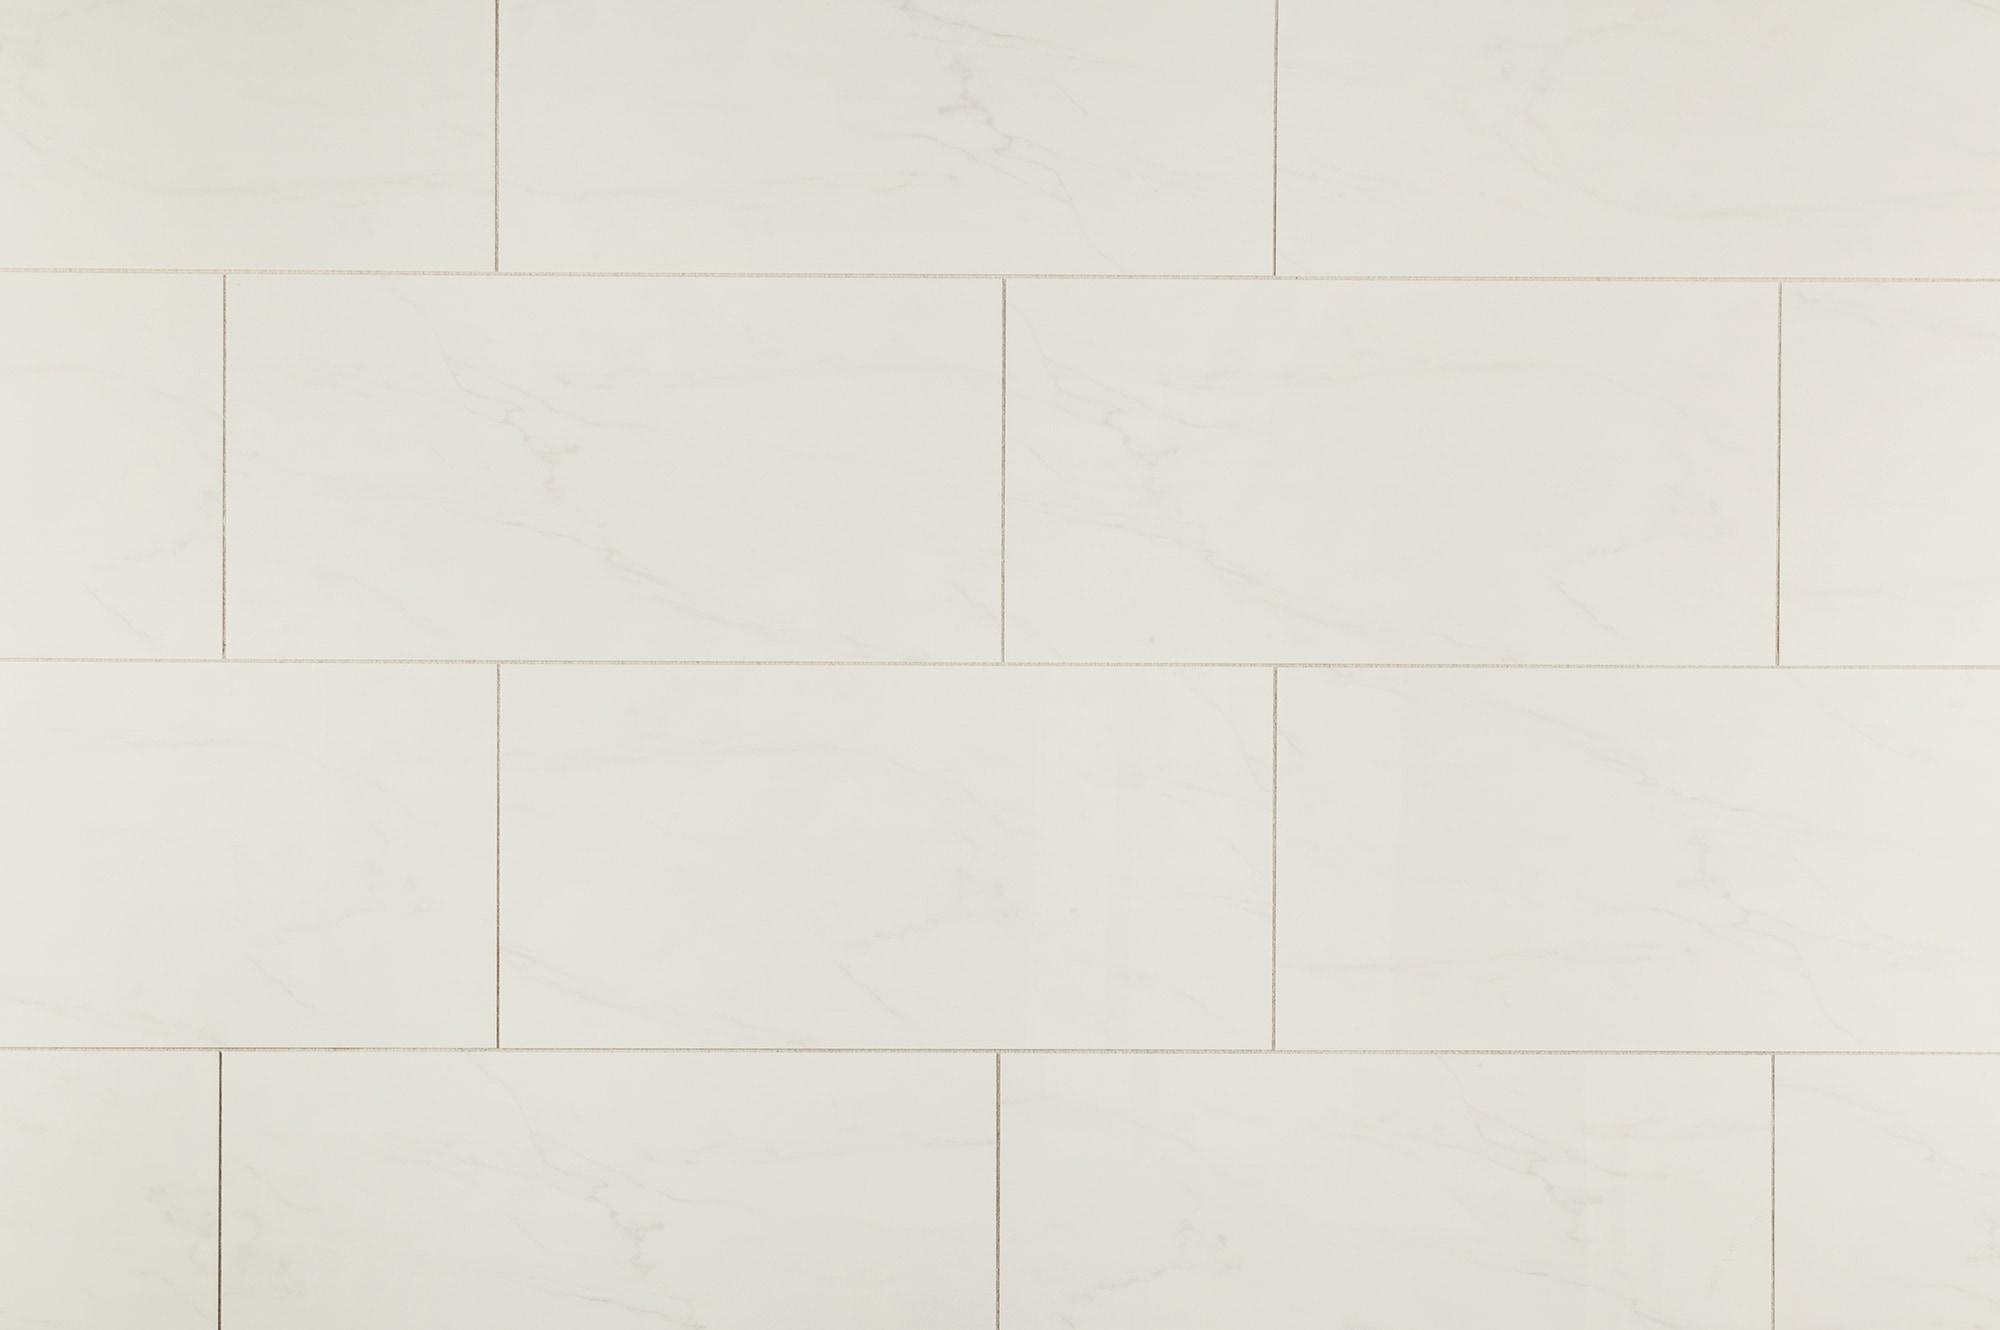 Piastrella ceramic wall tile roca stone collection white carrara piastrella ceramic wall tile roca stone collection white carrara festiva 12x24 glossy dailygadgetfo Image collections